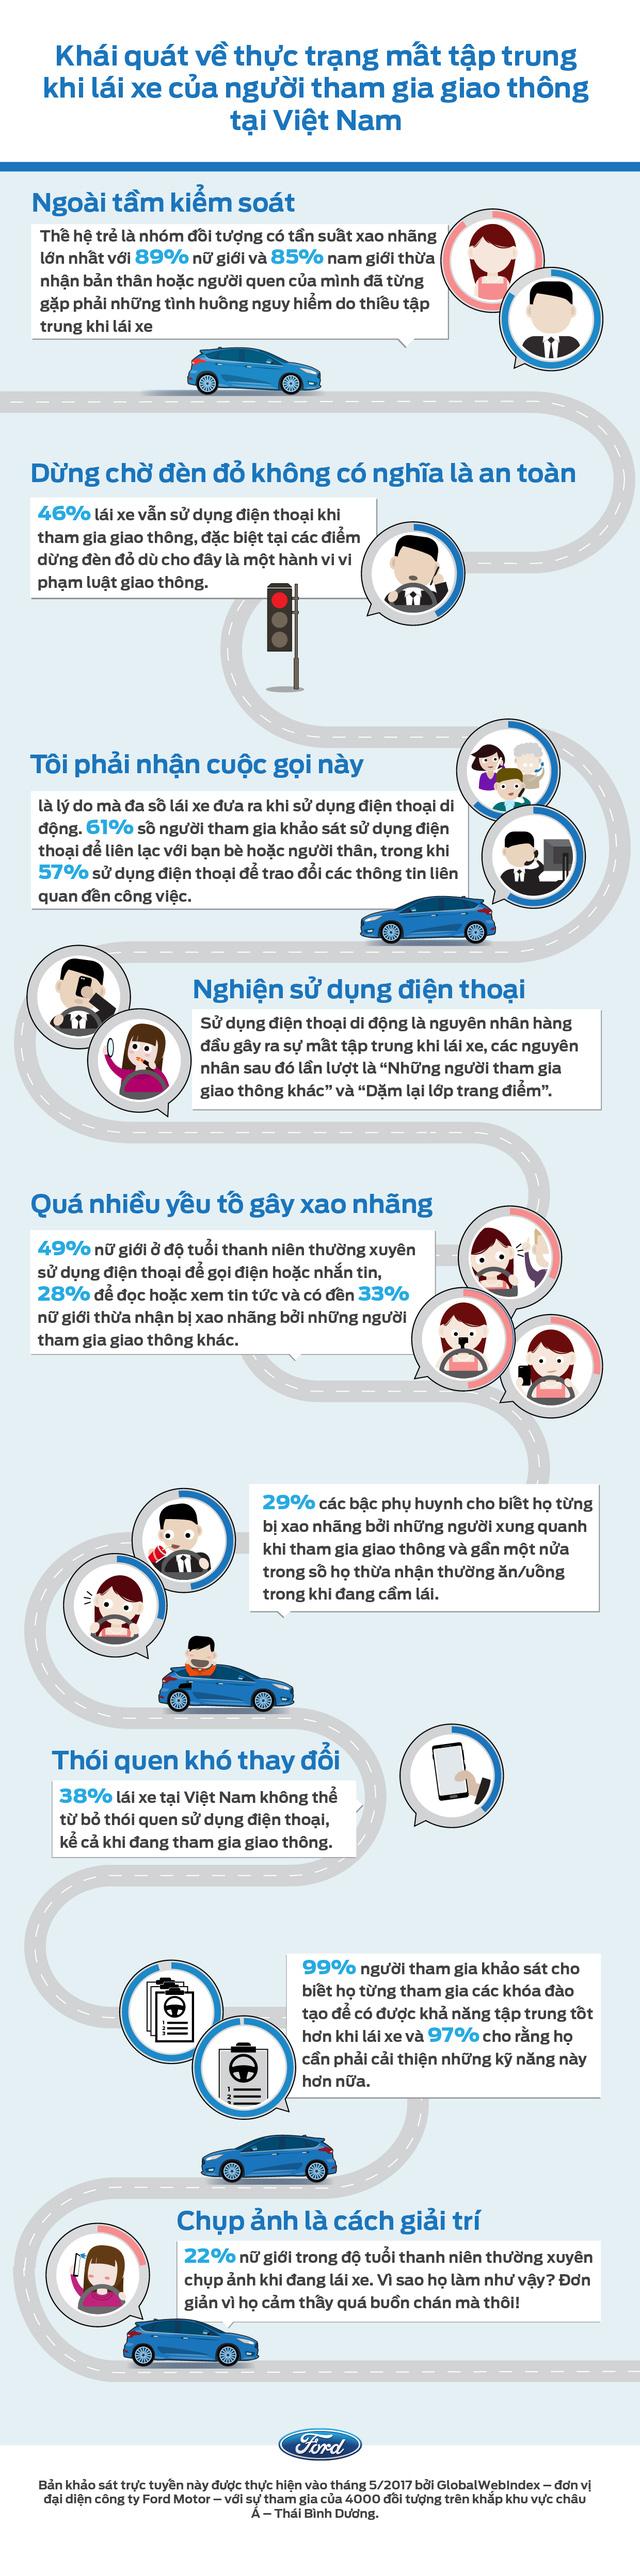 87% giới trẻ Việt Nam gặp tai nạn giao thông do mất tập trung khi lái xe - Ảnh 1.